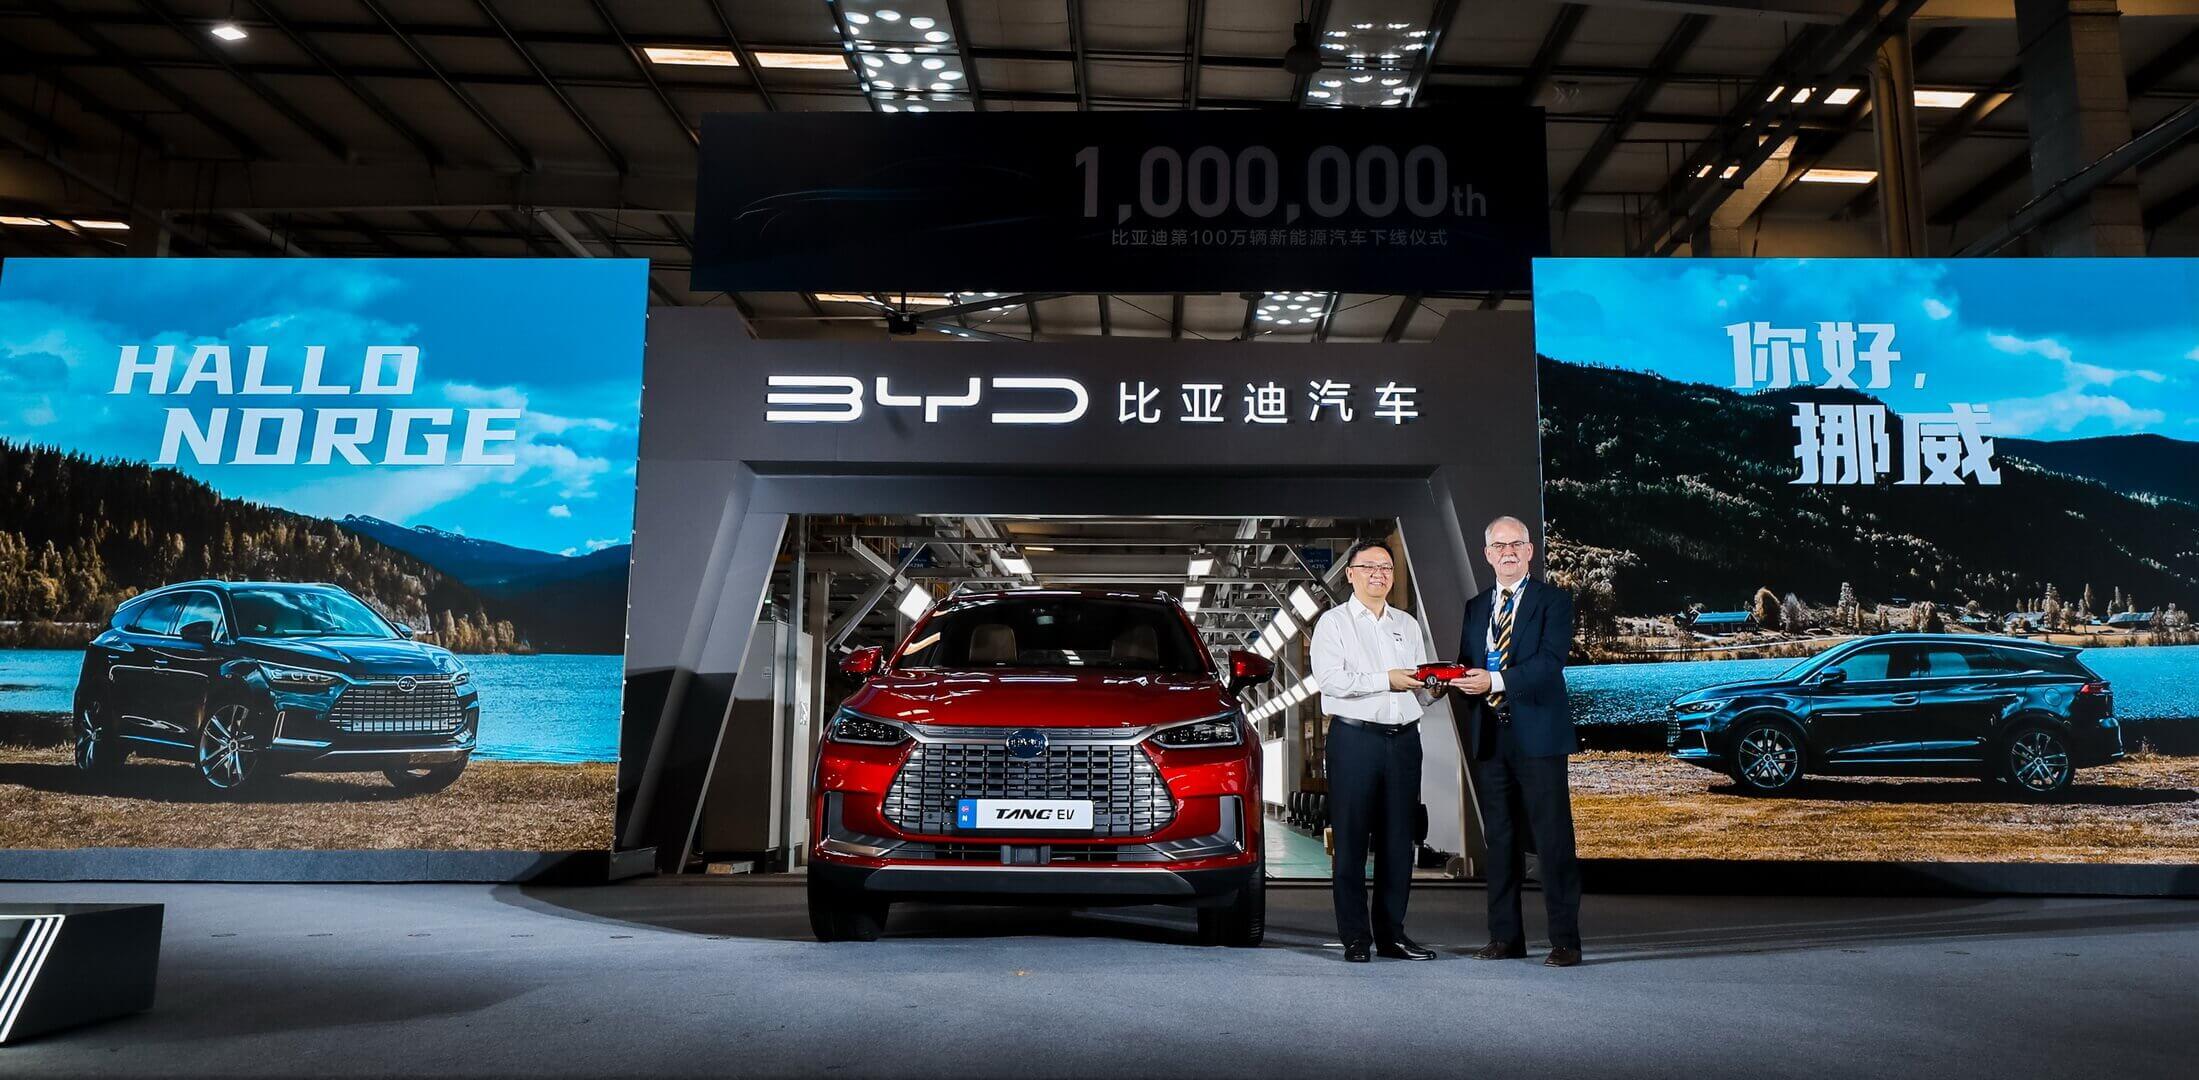 Первые 100 полностью электрических внедорожников BYD Tang отправятся в Норвегию с планами поставки 1500 автомобилей в 2021 году